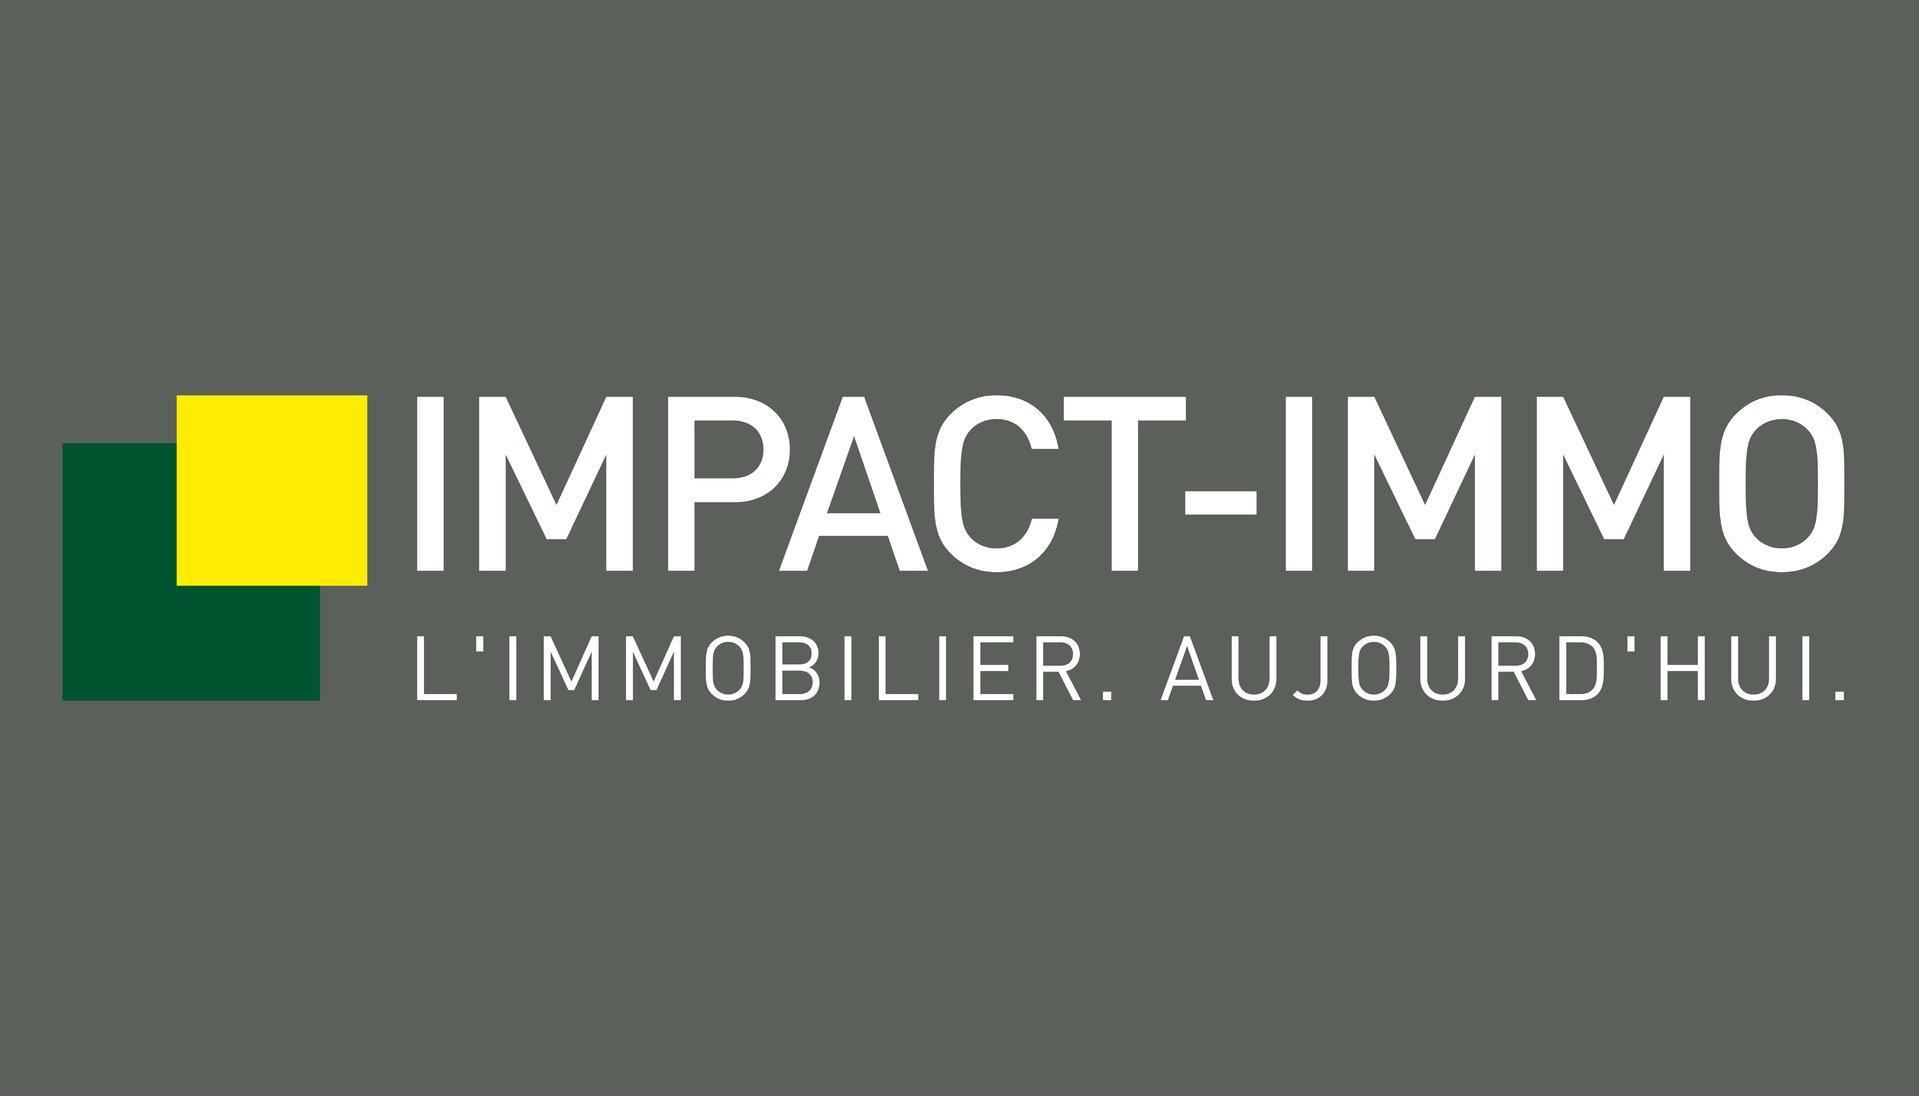 NOUVEAUTÉ IMPACT IMMO / 4P RESIDENCE DE STANDING - METRO 1